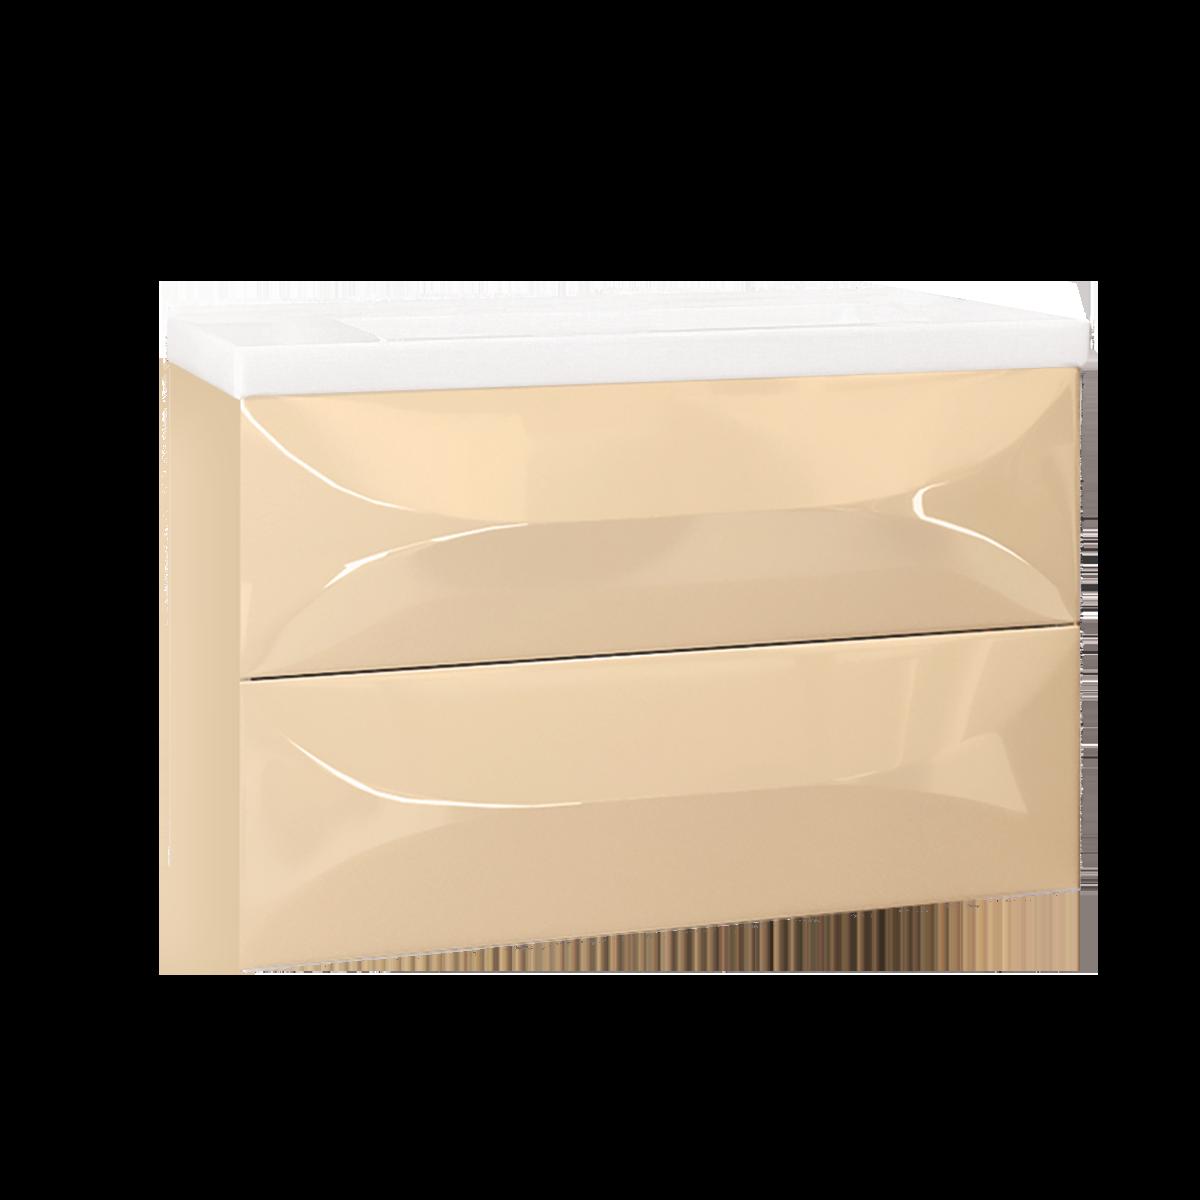 Тумба Elegant 80П 2в.я. Vanilla - купить в Чебоксарах по цене 23 330 Р в интернет-магазине Marka